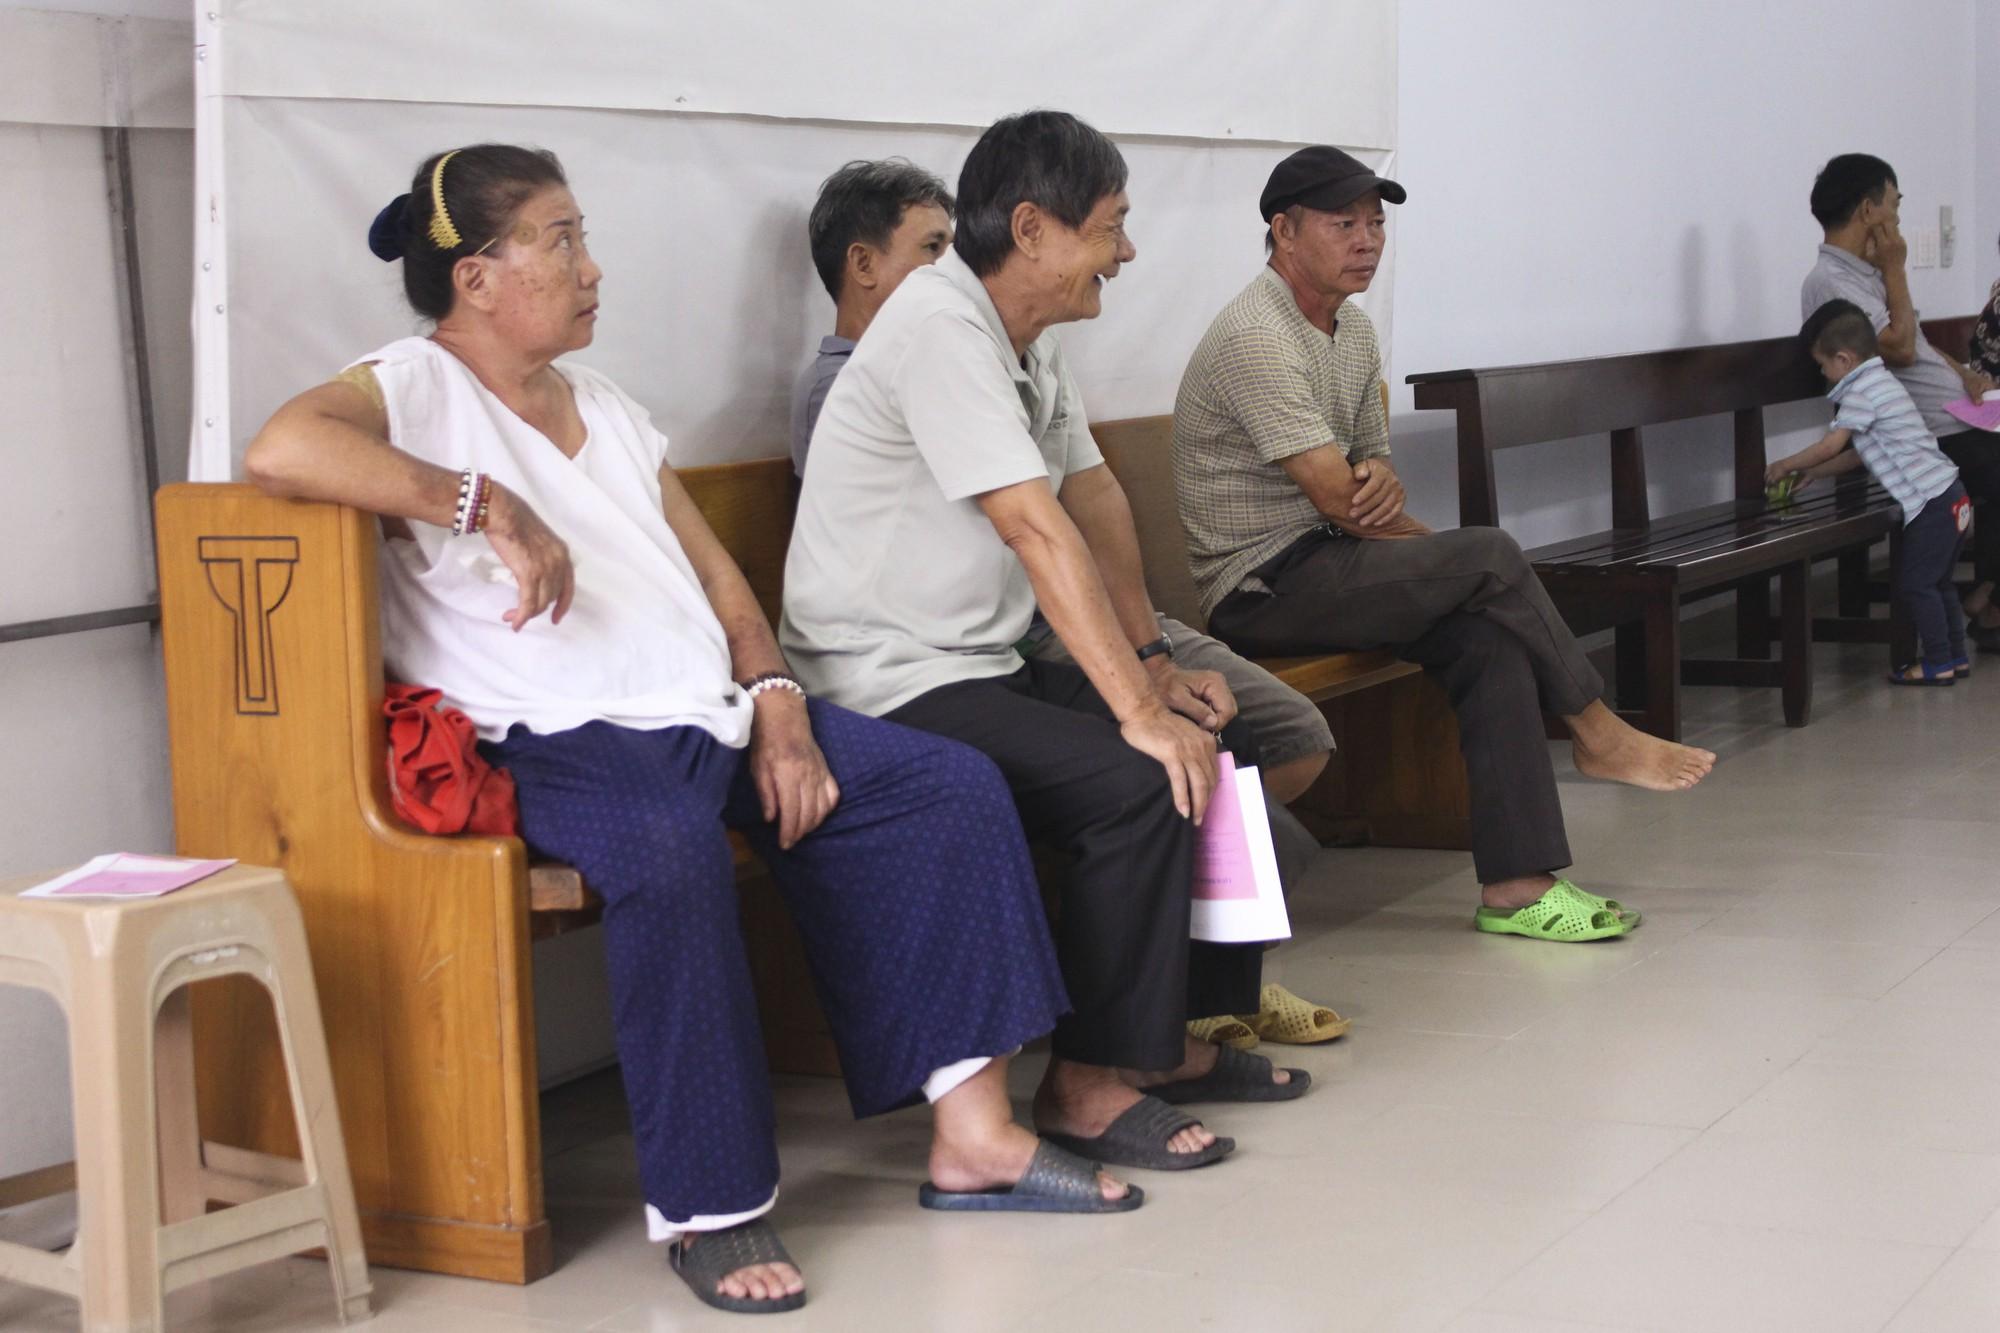 Bác sĩ 80 tuổi cống hiến 20 năm sức già khám chữa bệnh miễn phí cho bệnh nhân nghèo - Ảnh 2.